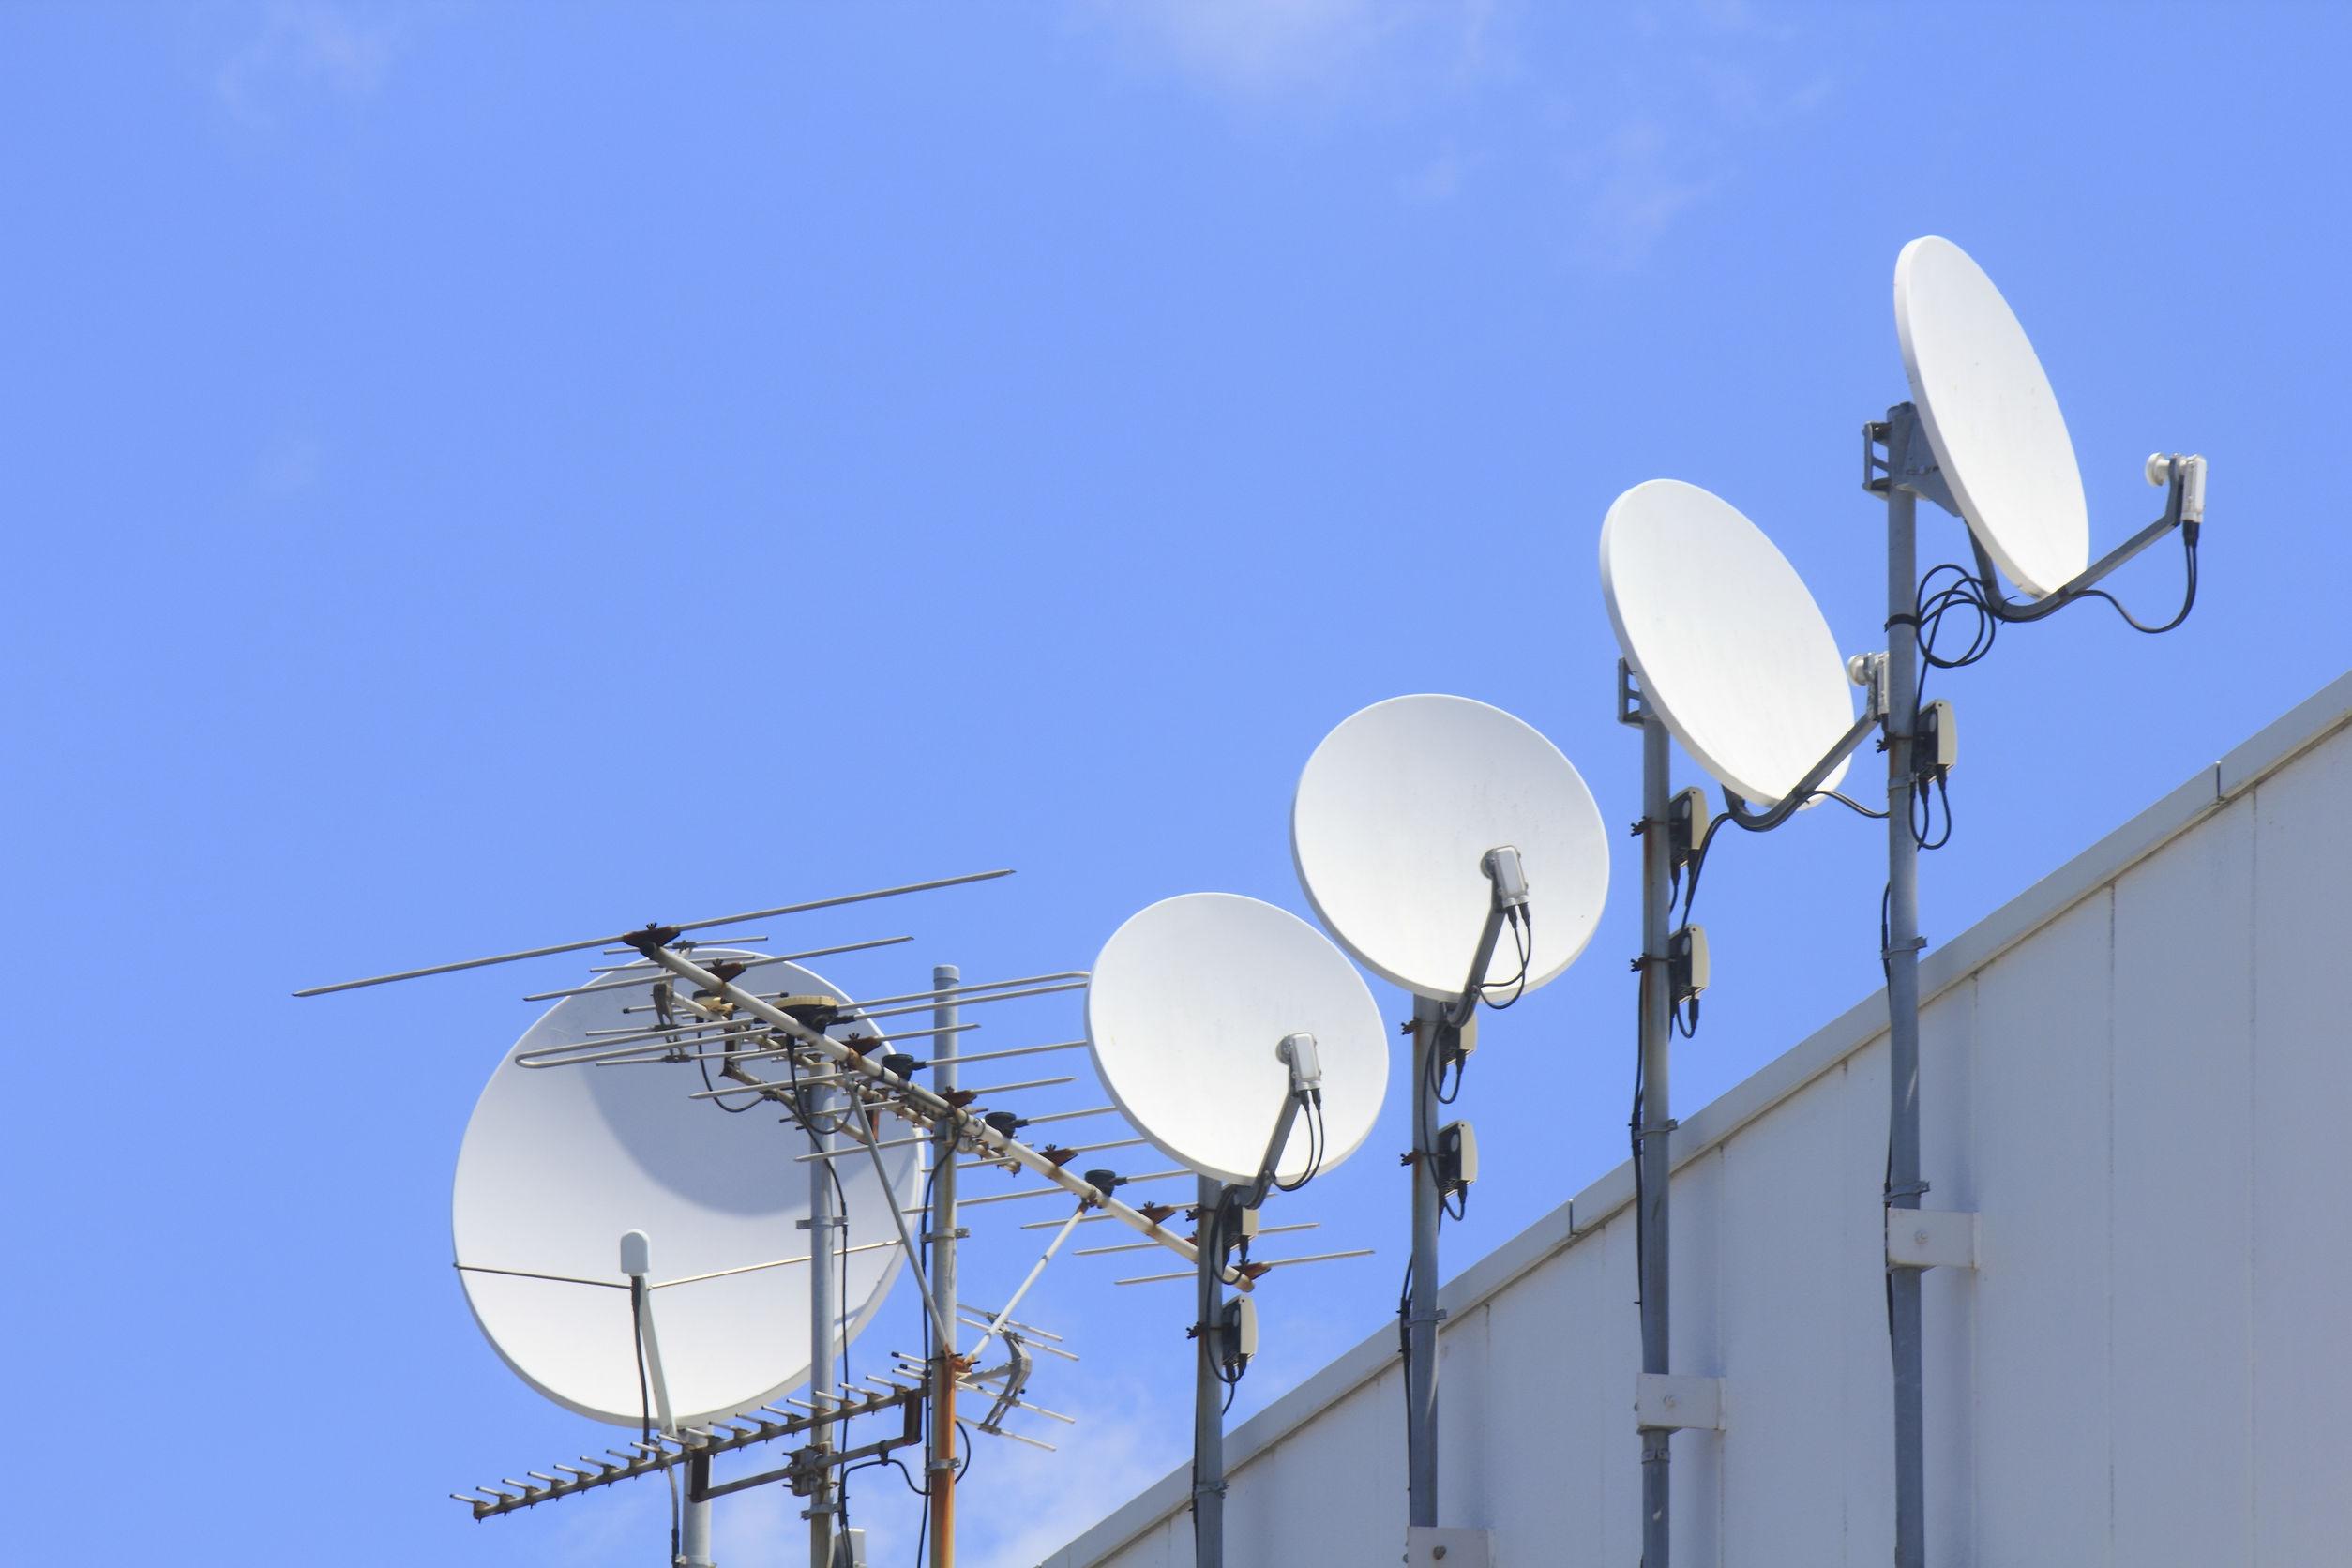 Precio instalar antena parabolica precio instalacin - Precio antena parabolica ...